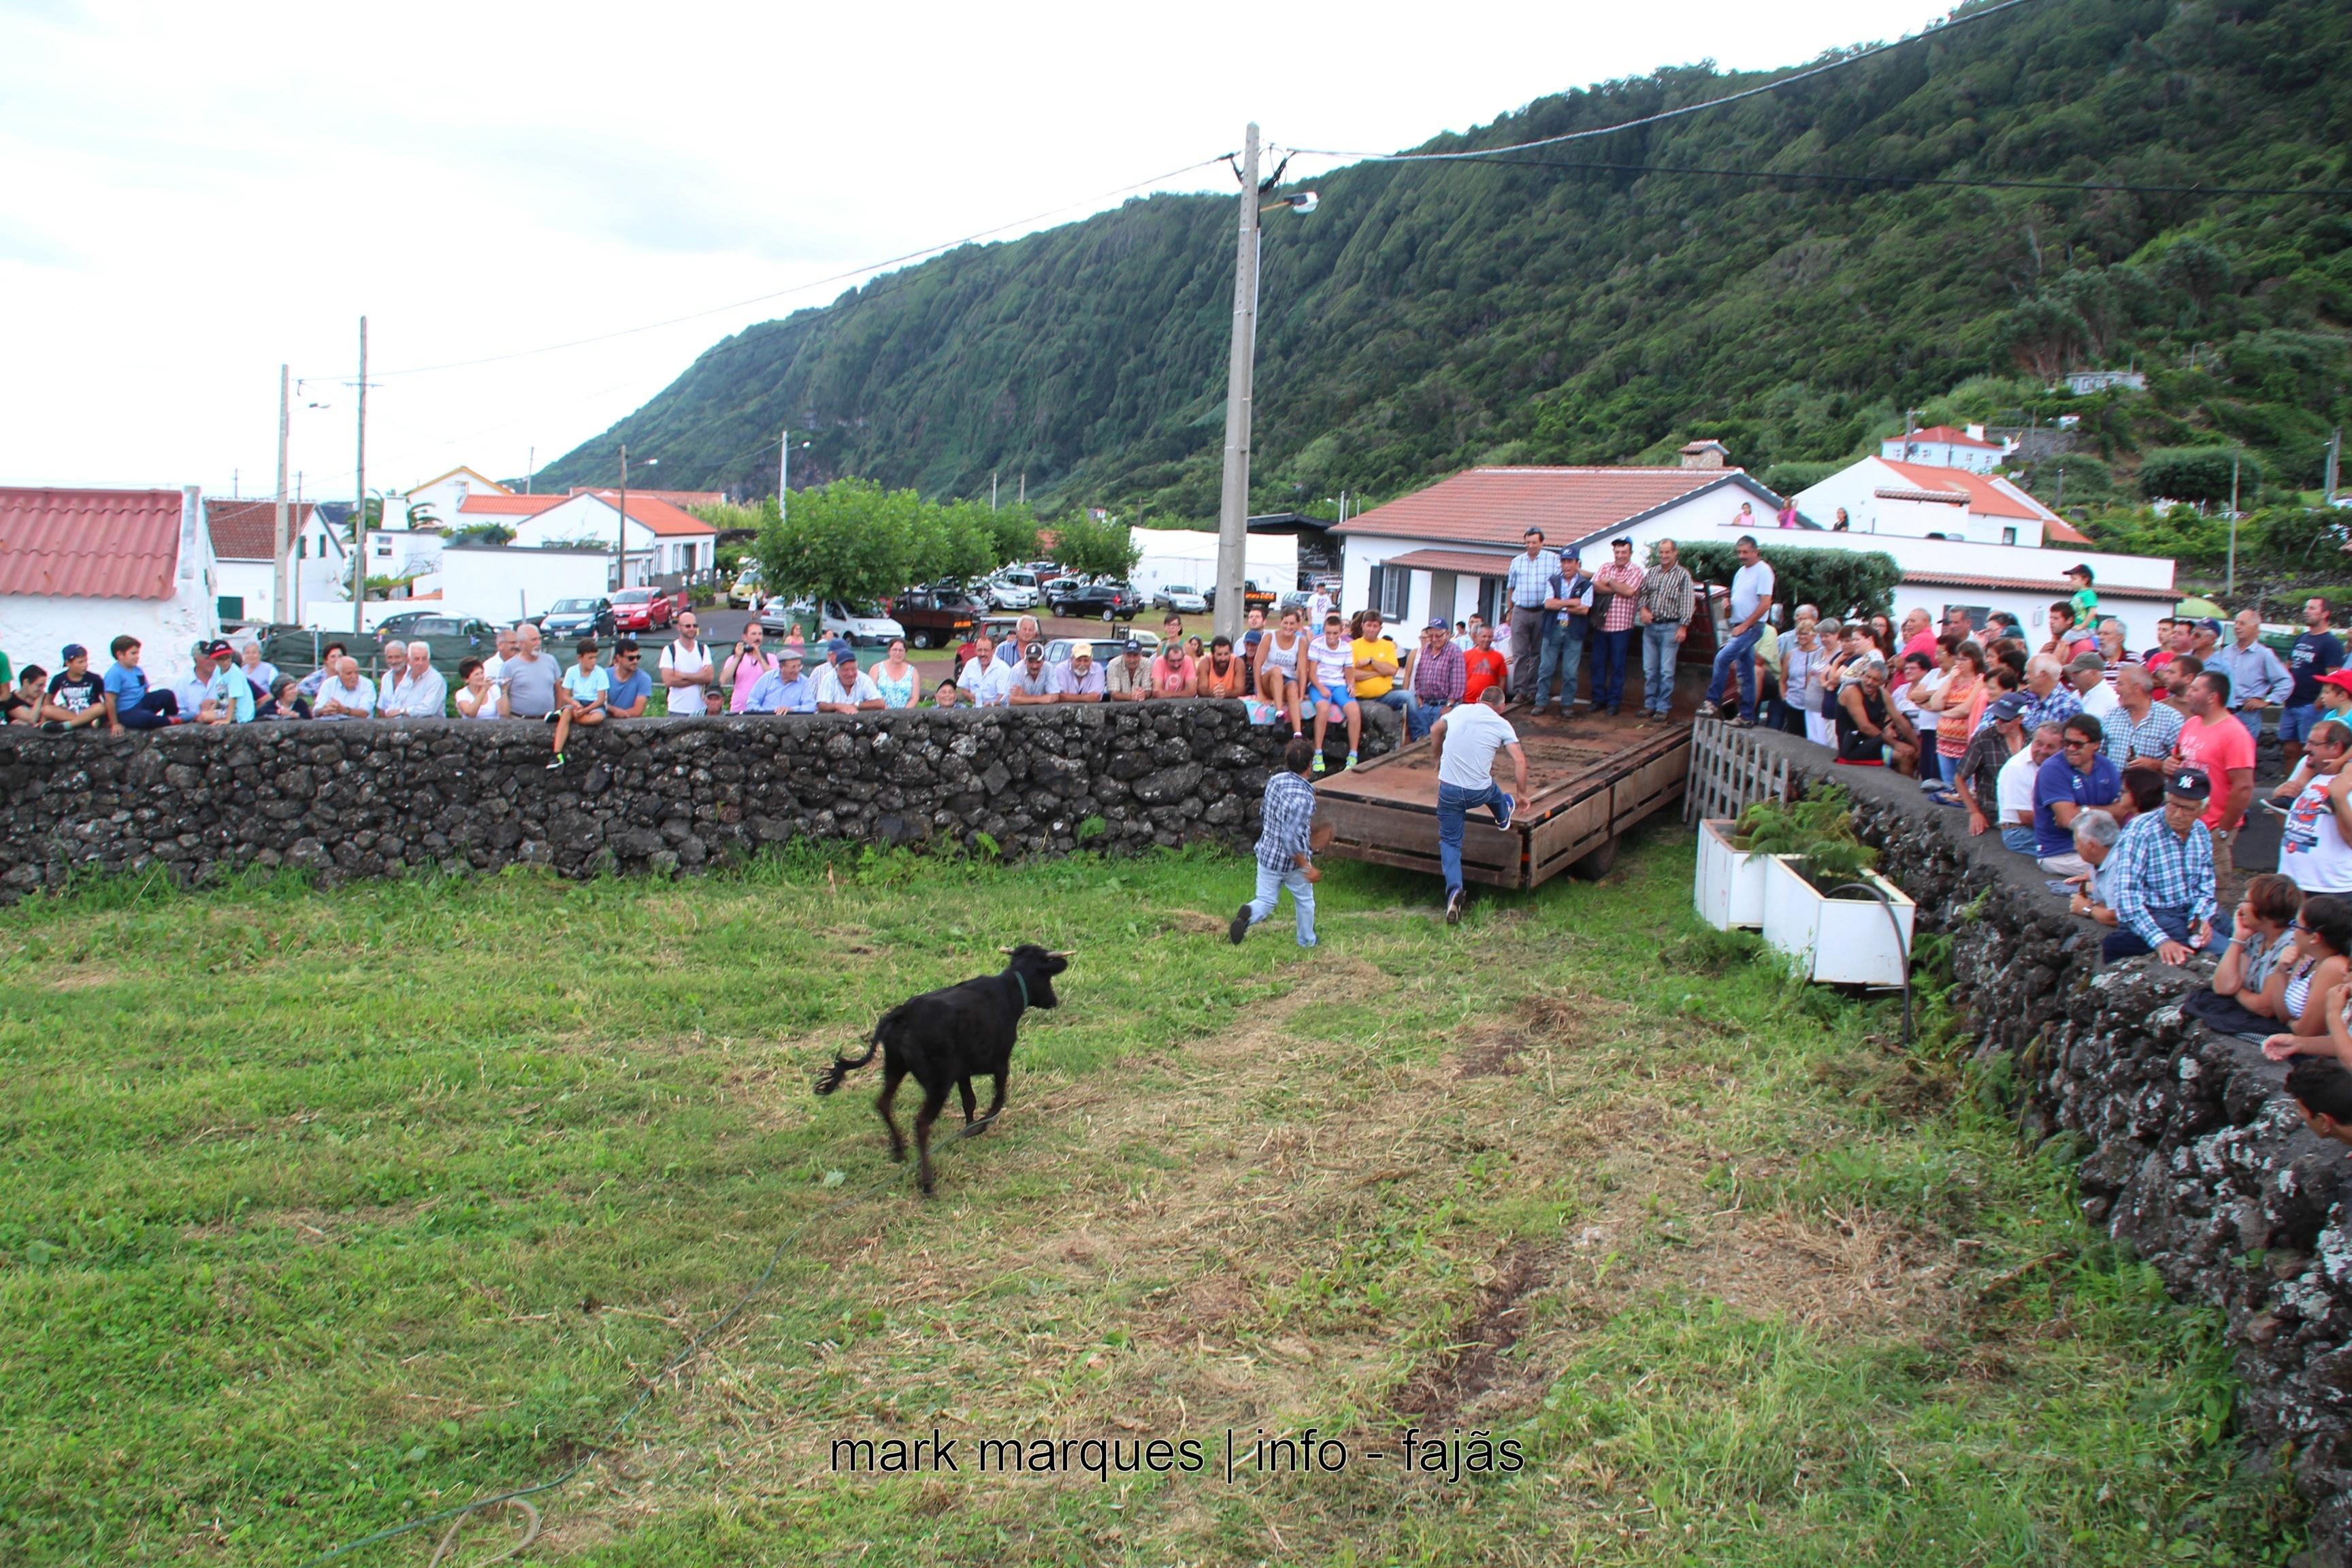 GARRAIADA NA FAJÃ DO OUVIDOR (NORTE GRANDE) – ILHA DE SÃO JORGE. (reportagem fotográfica)